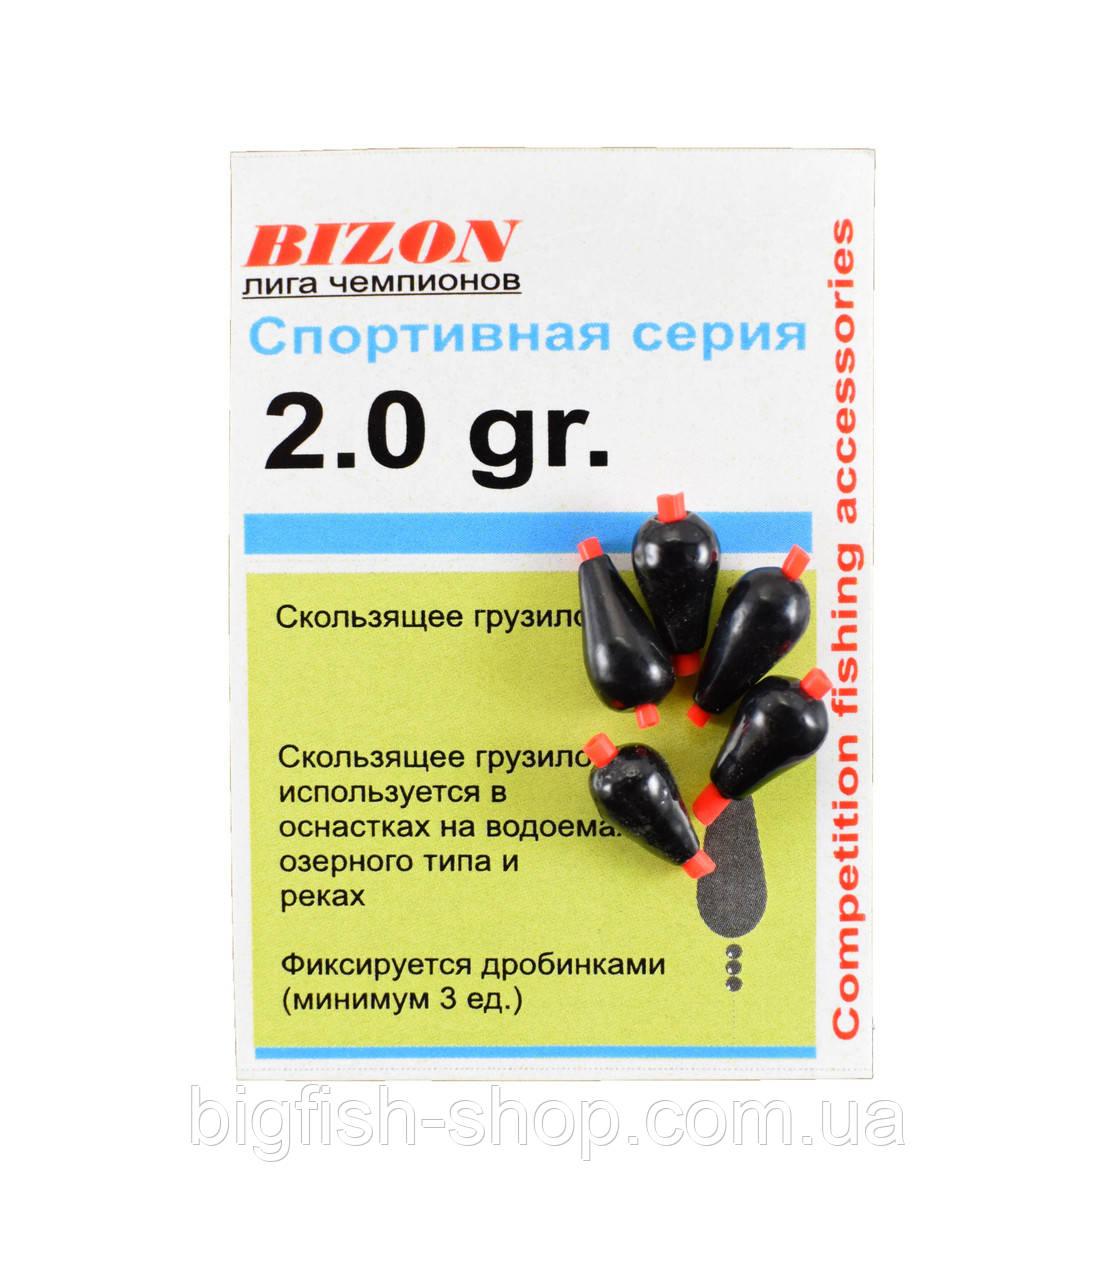 Грузила скользящие Bizon 2.0 гр.